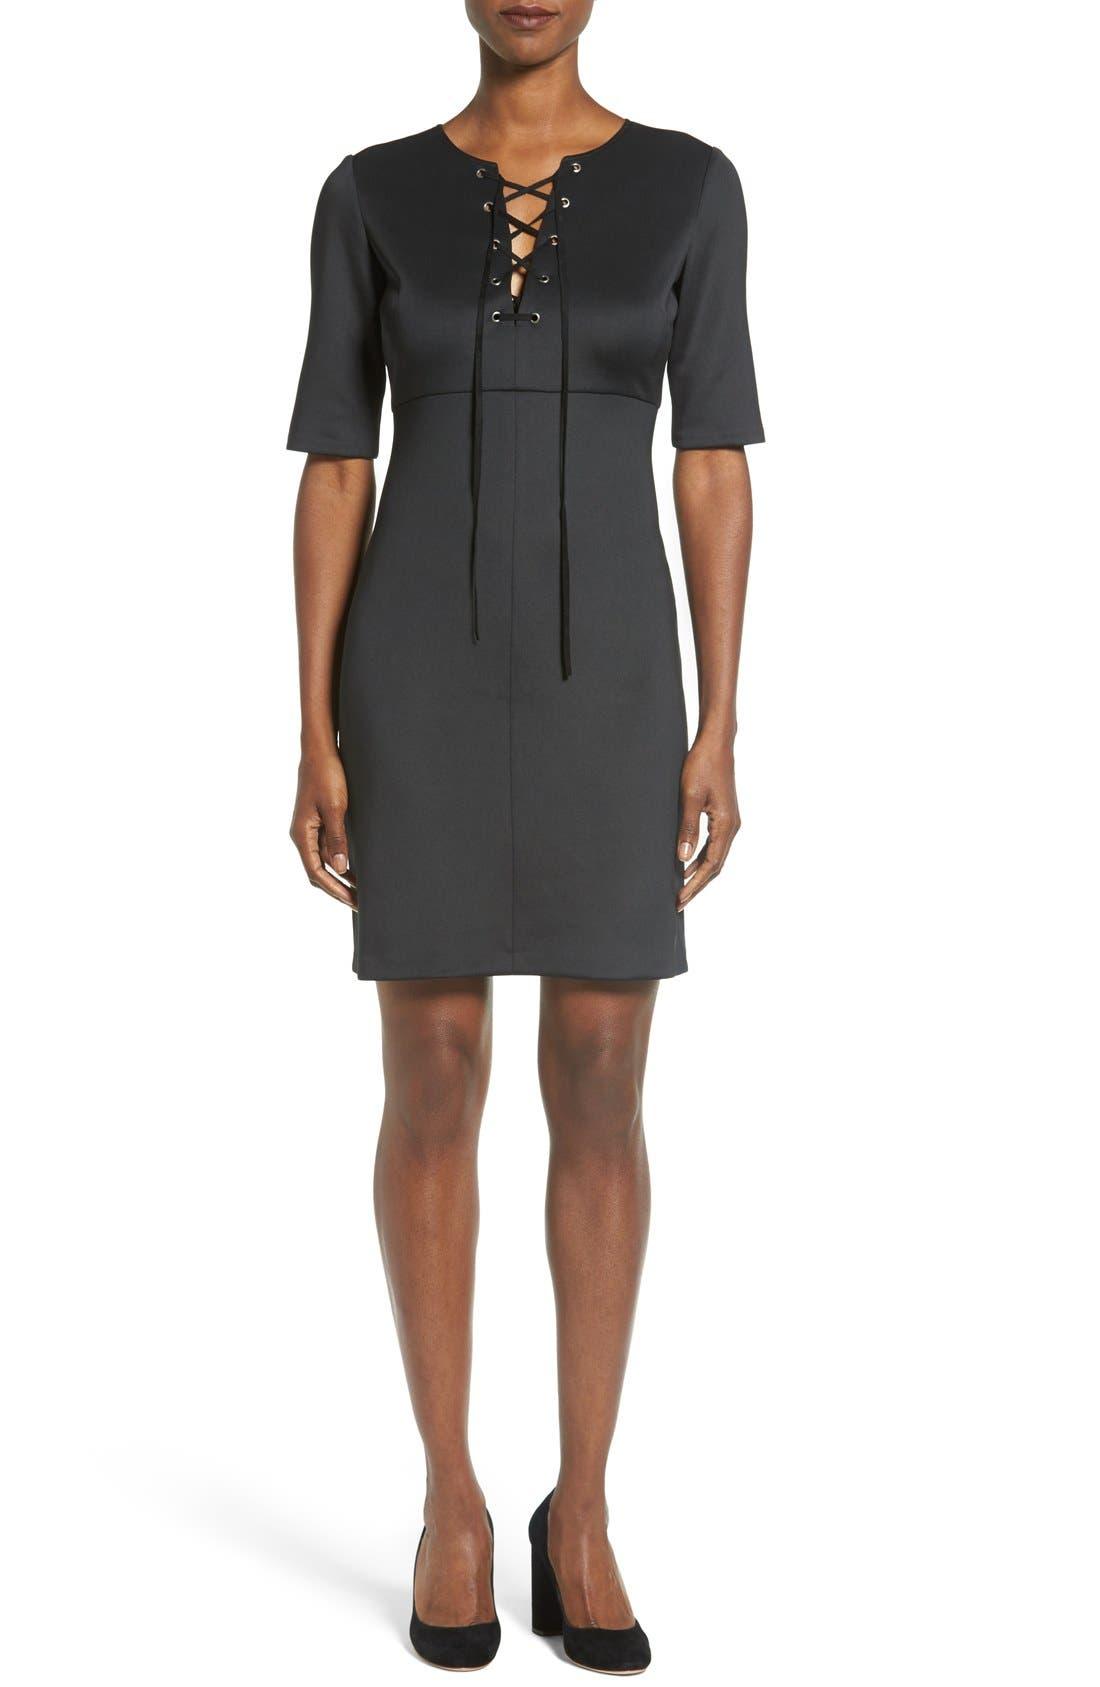 Alternate Image 1 Selected - Catherine Catherine Malandrino 'Shaw' Lace-Up Sheath Dress